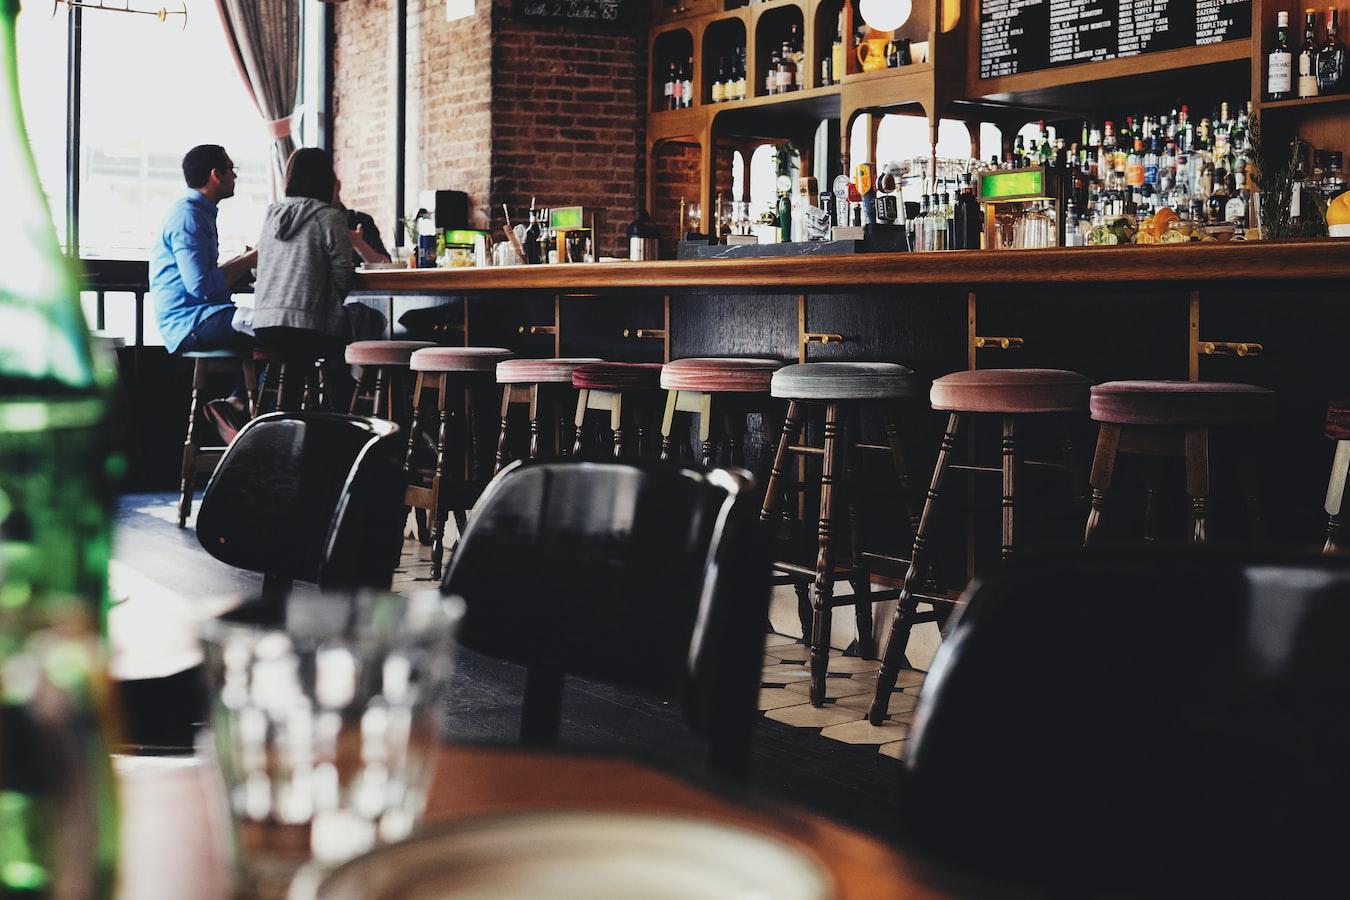 A quiet pub